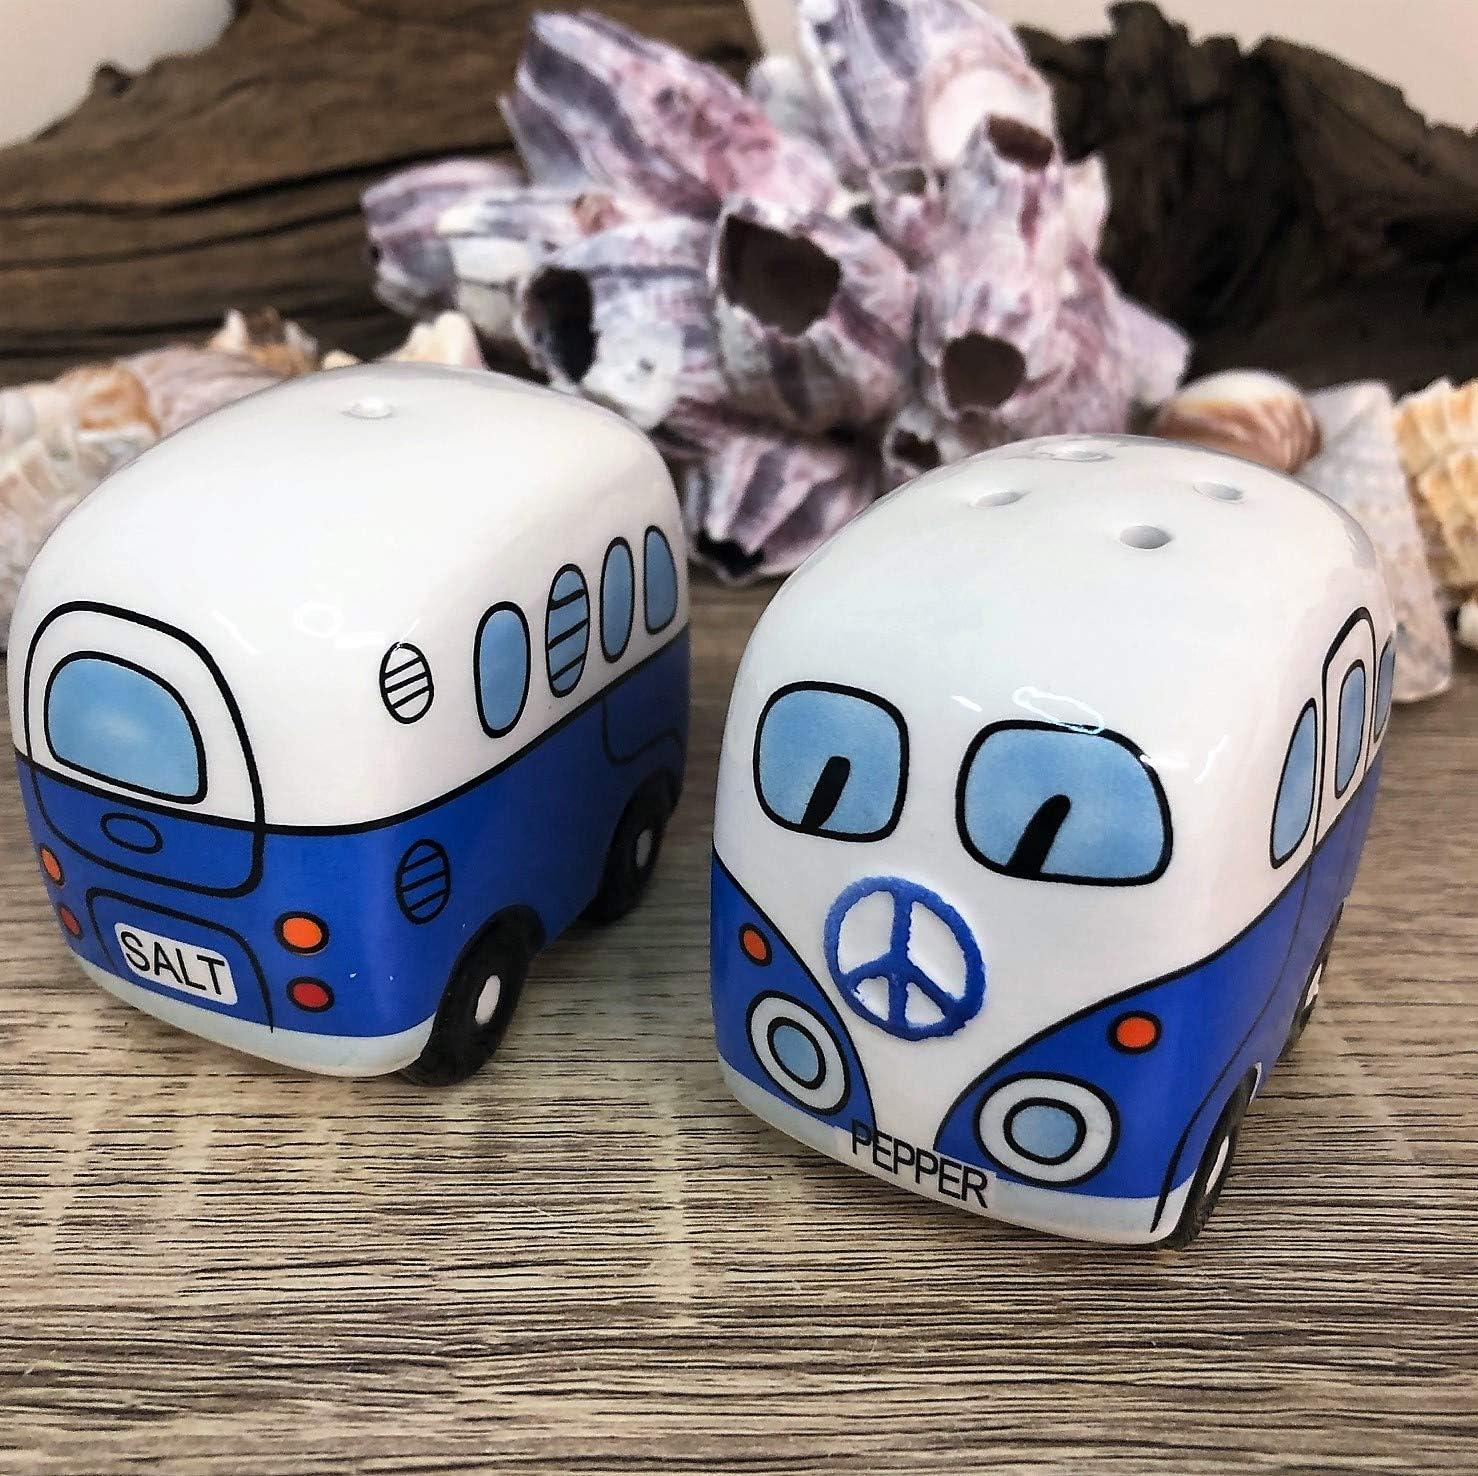 Juego de salero y pimentero para caravana azul